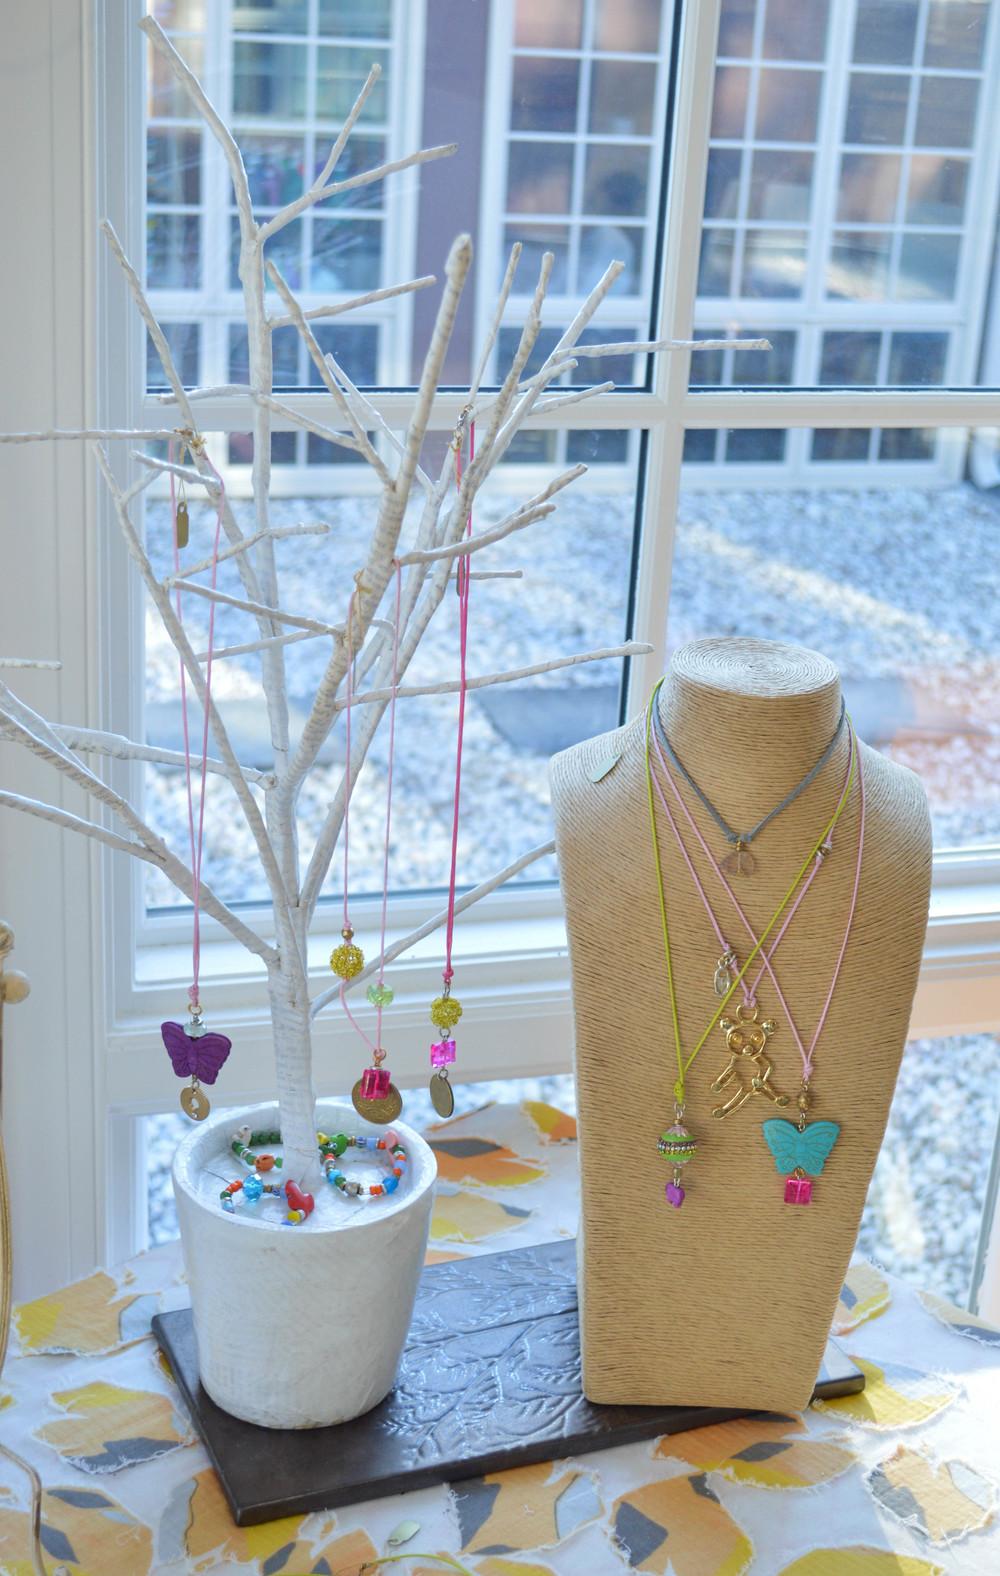 LaurenSchwaiger-Life-Style-Blog-Laura-James-Jewelry-Kids-Collection.jpg